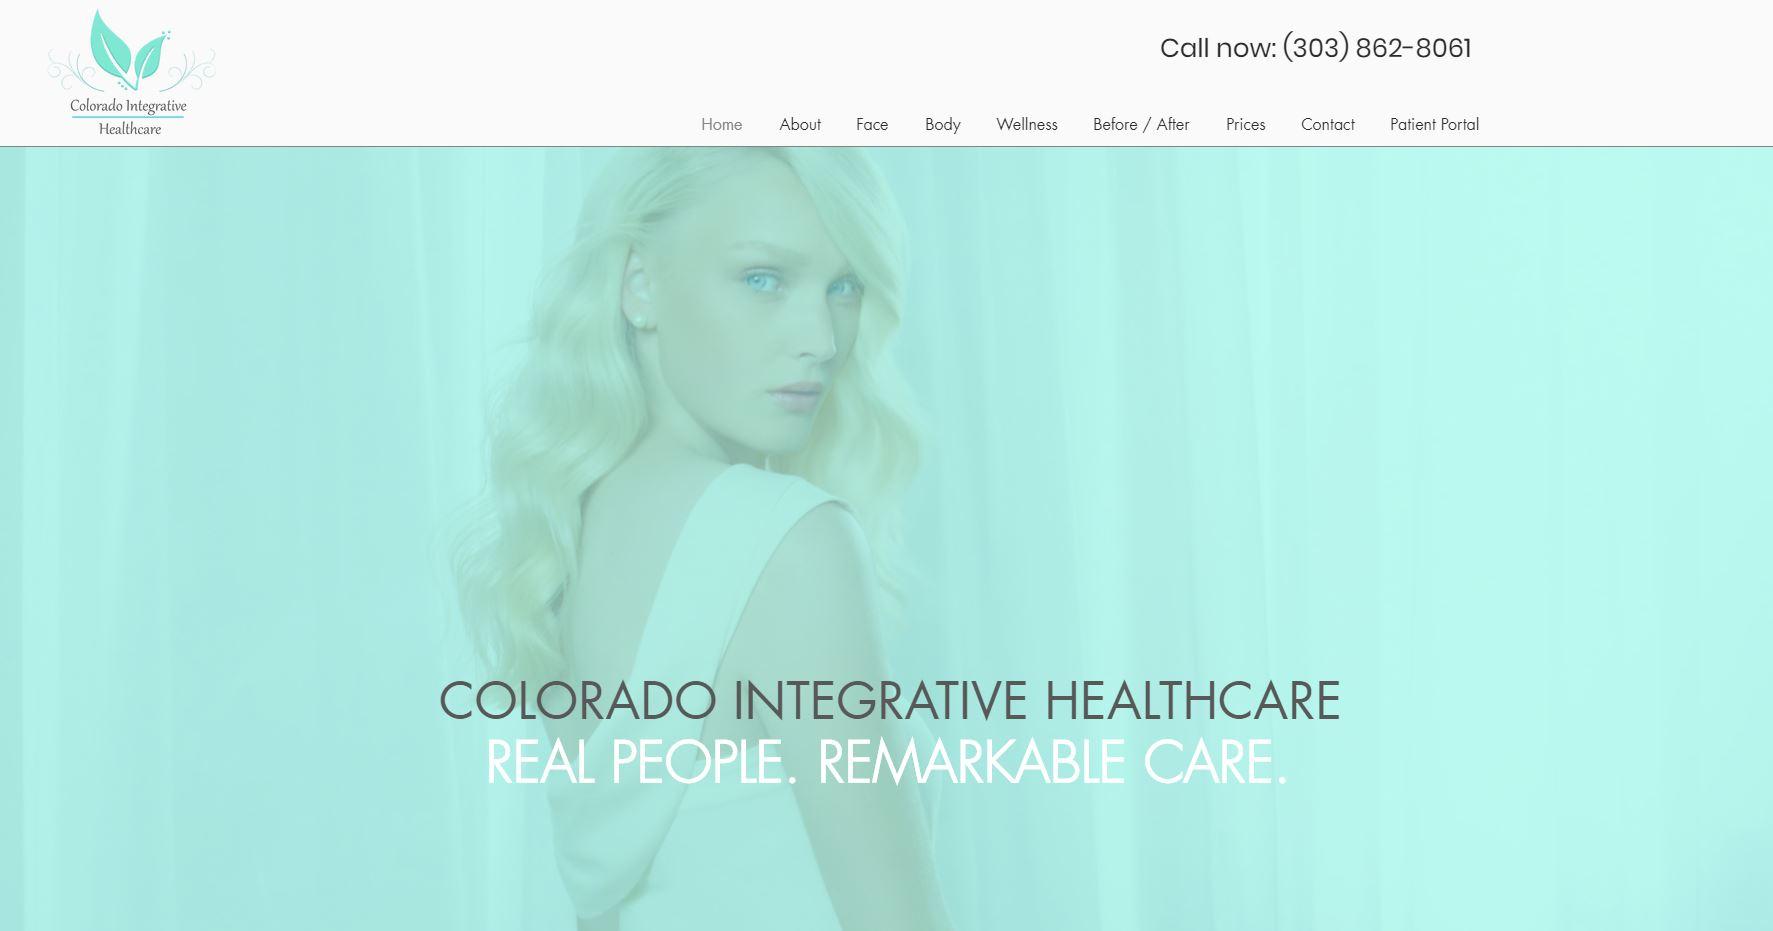 Colorado Integrative Healthcare